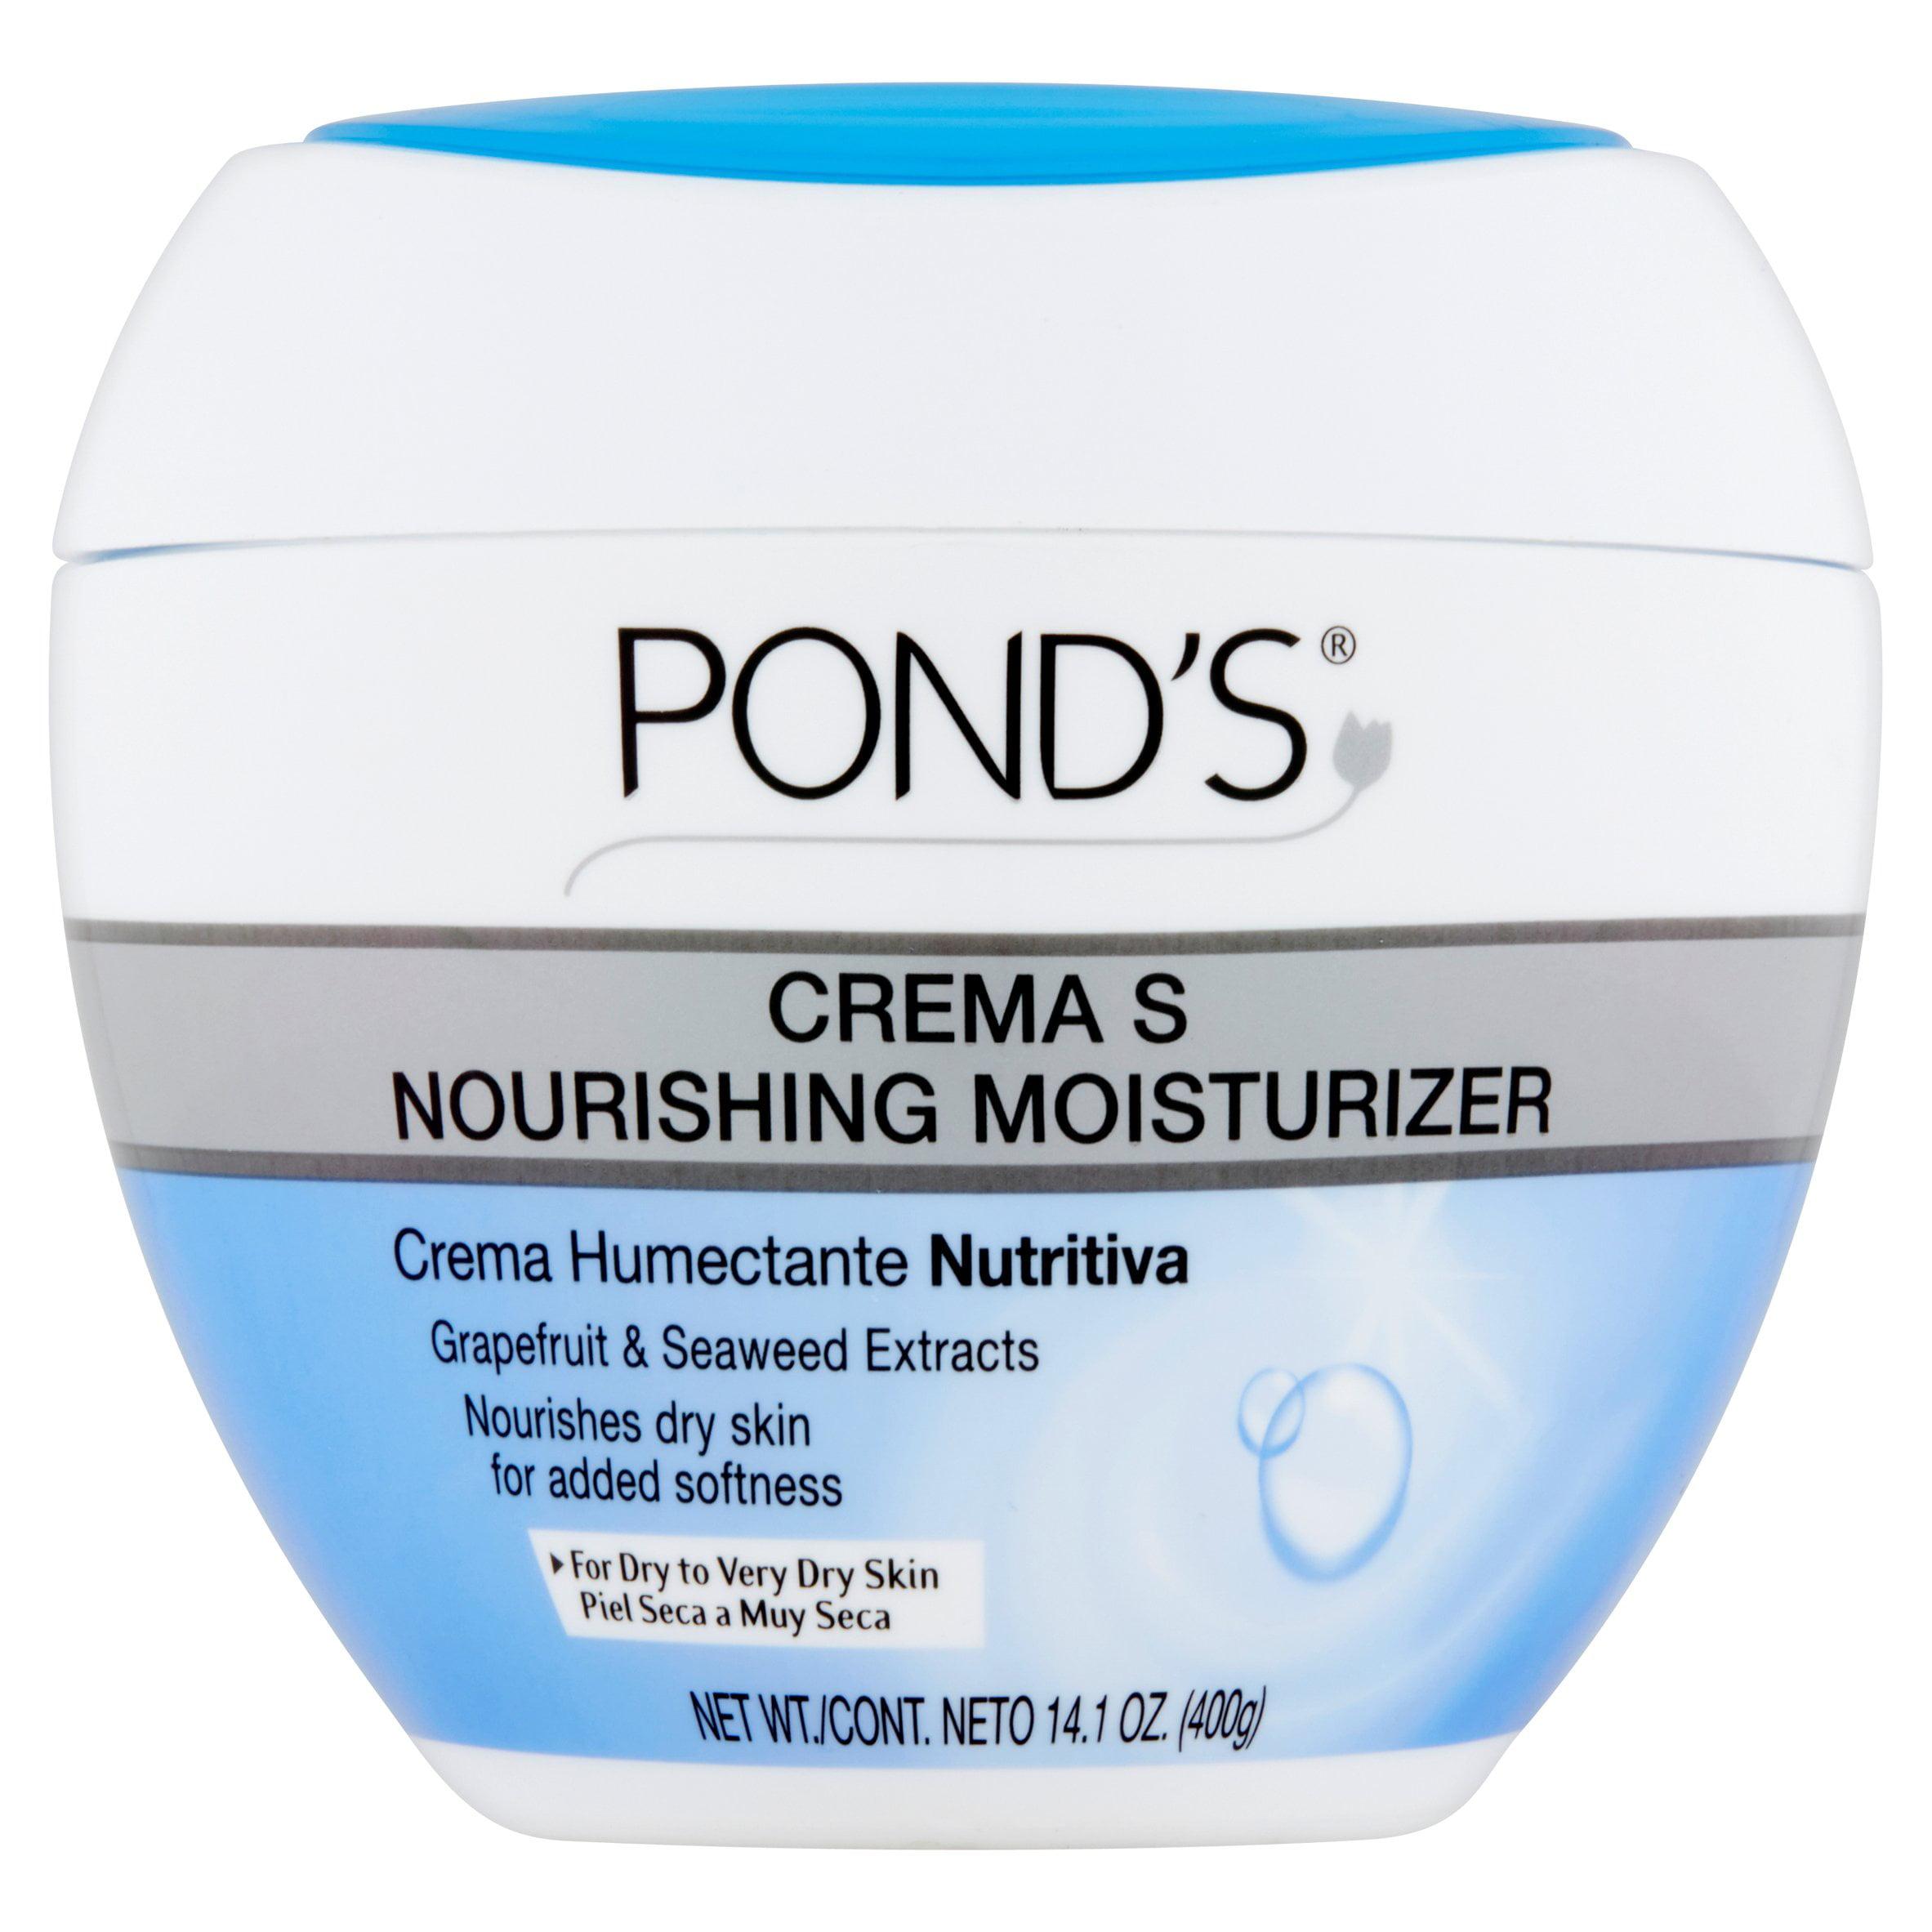 Pond's Crema S Nourishing Moisturizer, 14.1 oz